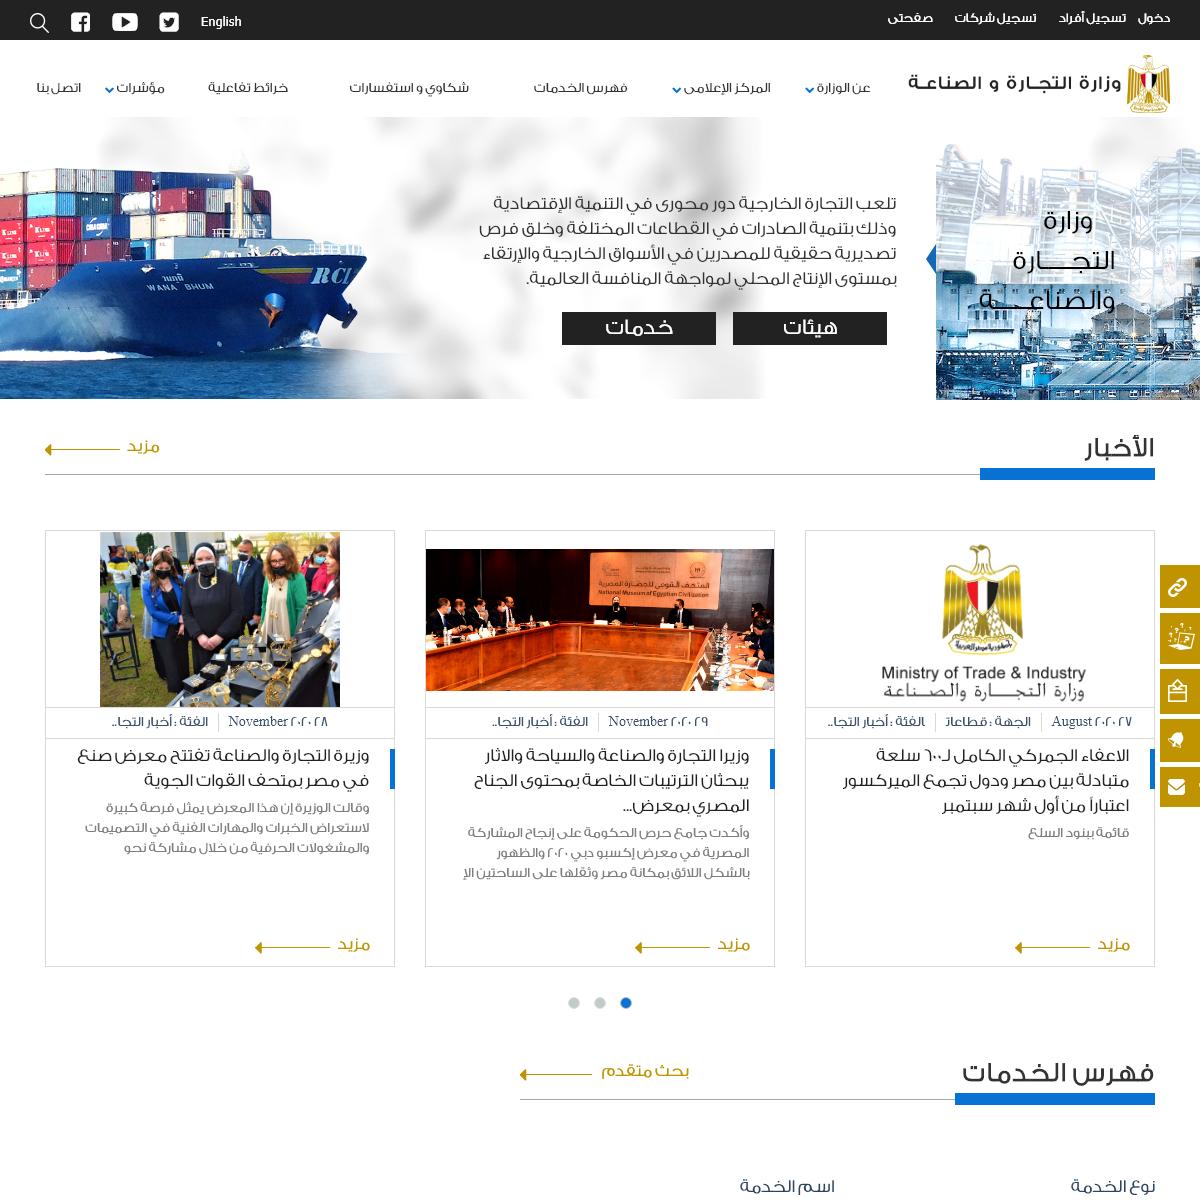 وزارة التجارة والصناعة - الصفحة الرئيسية